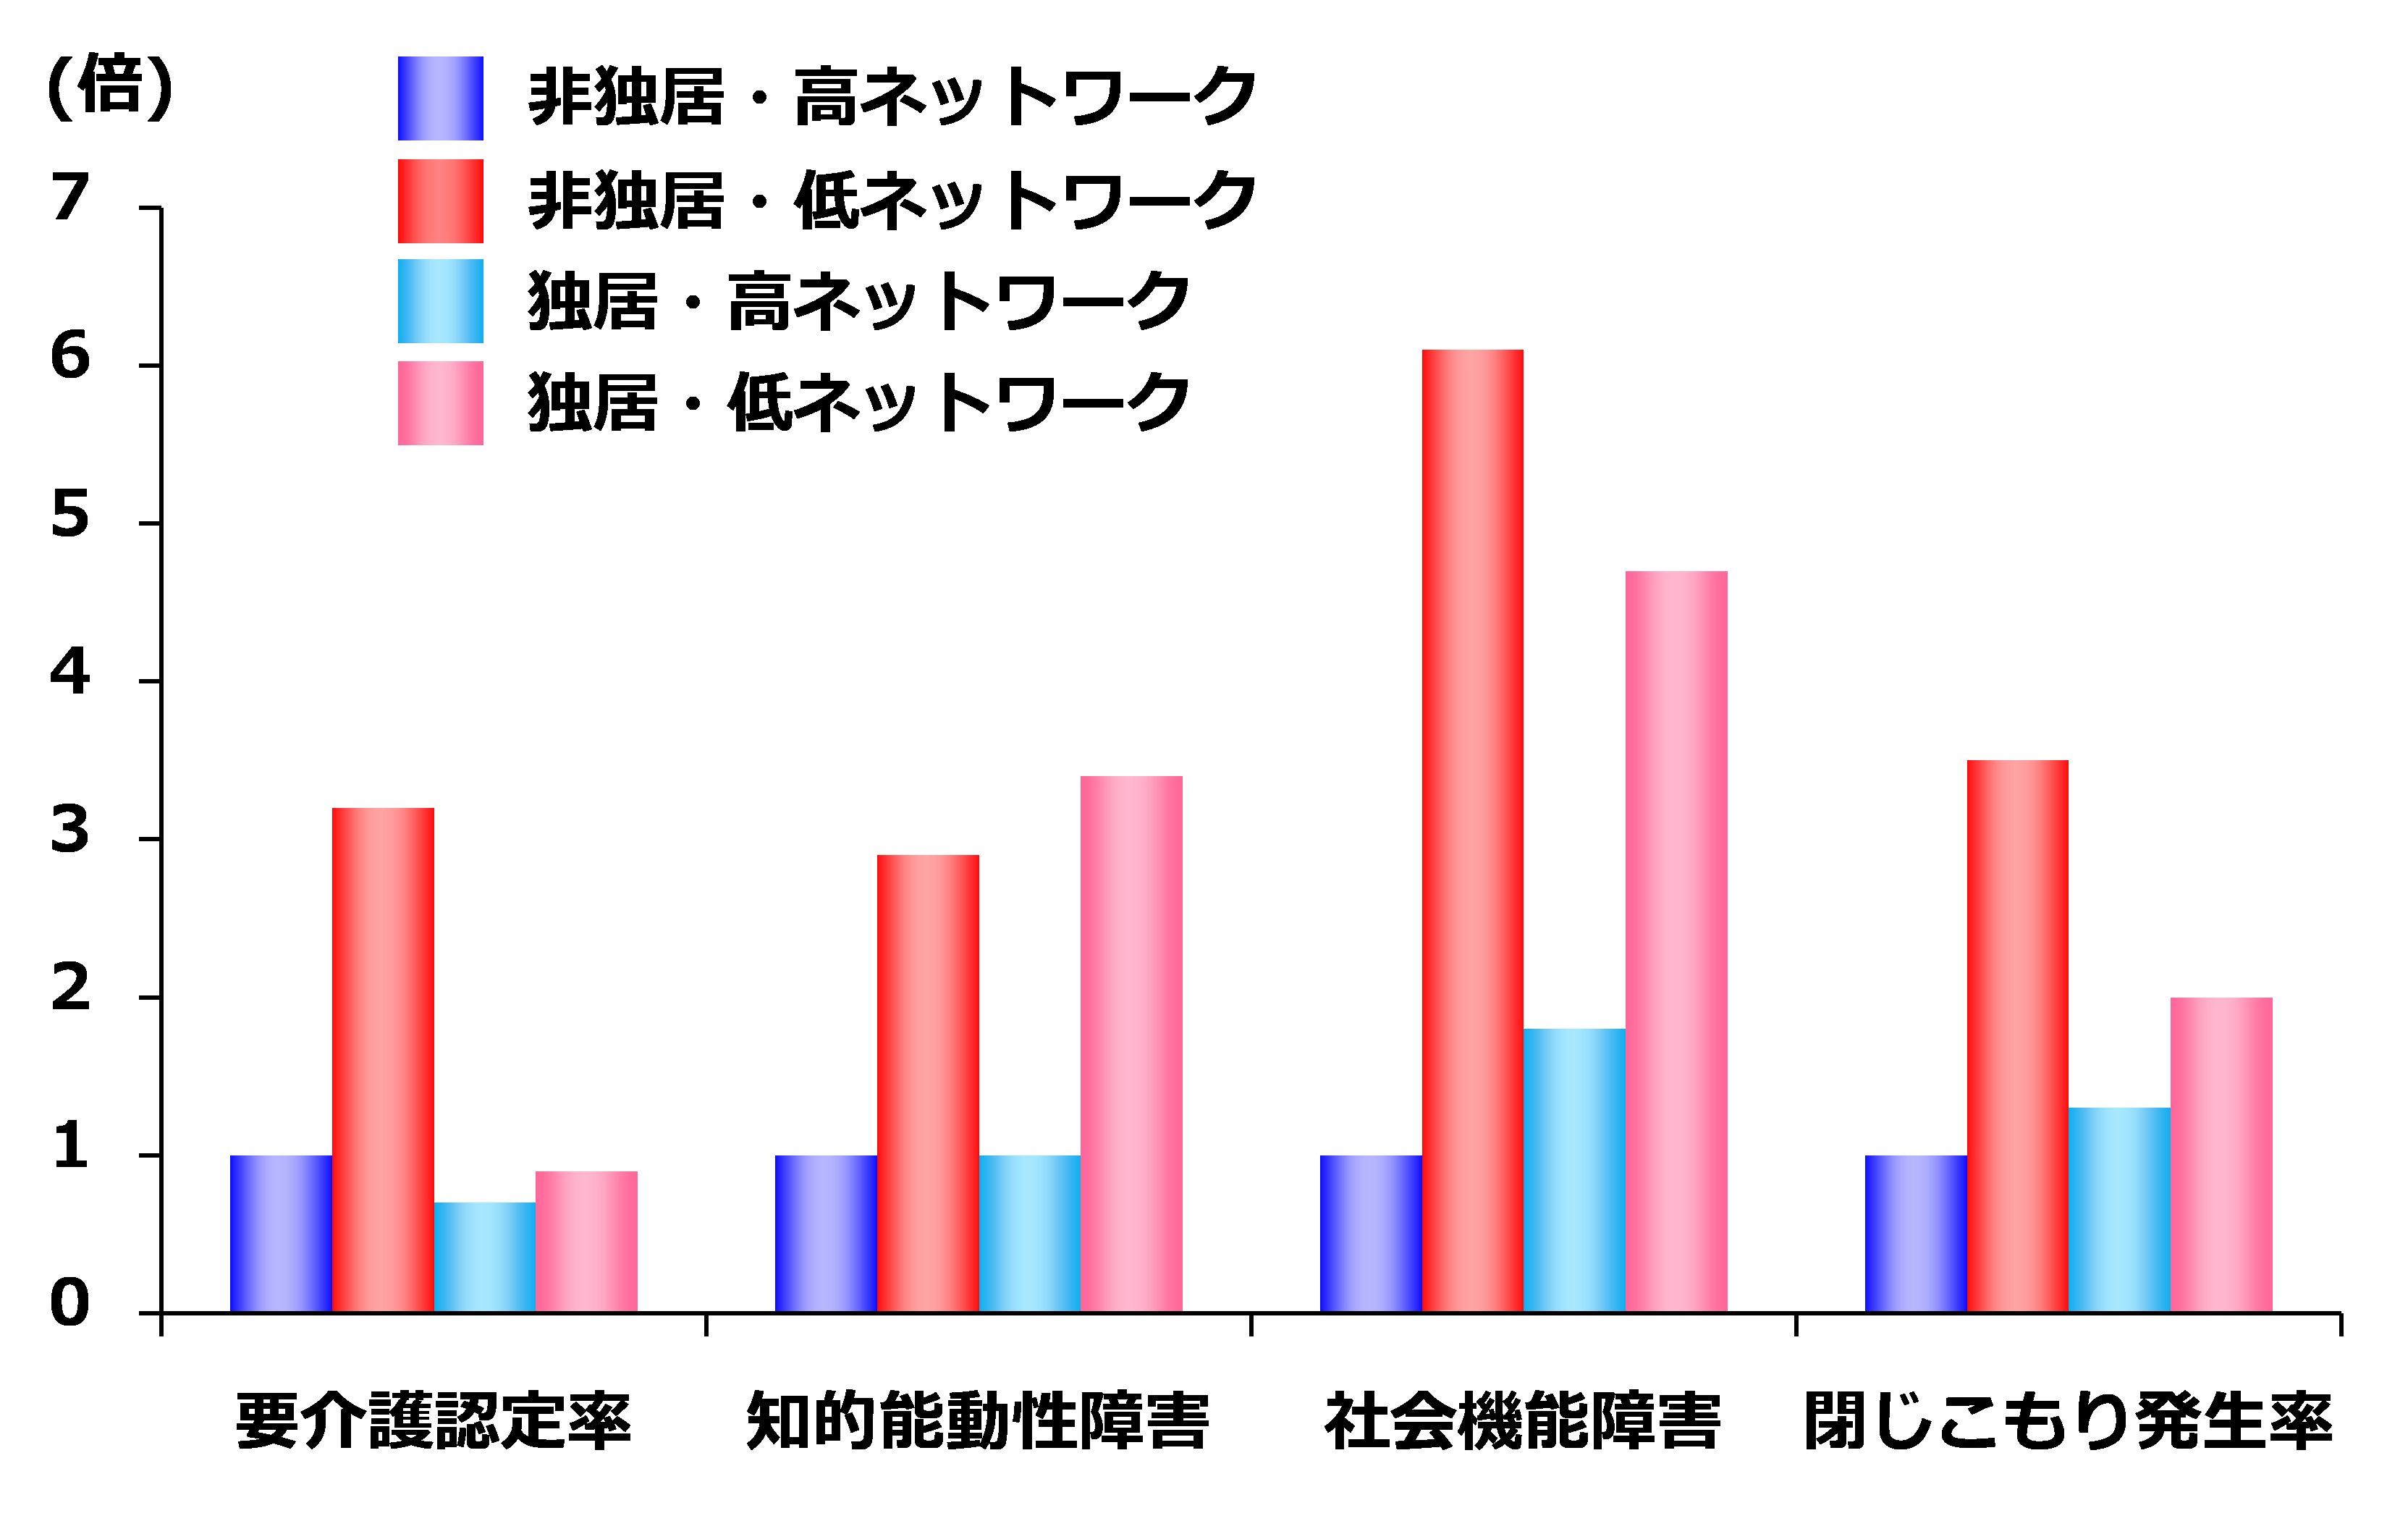 居住形態と社会的ネットワークの多寡の関係性